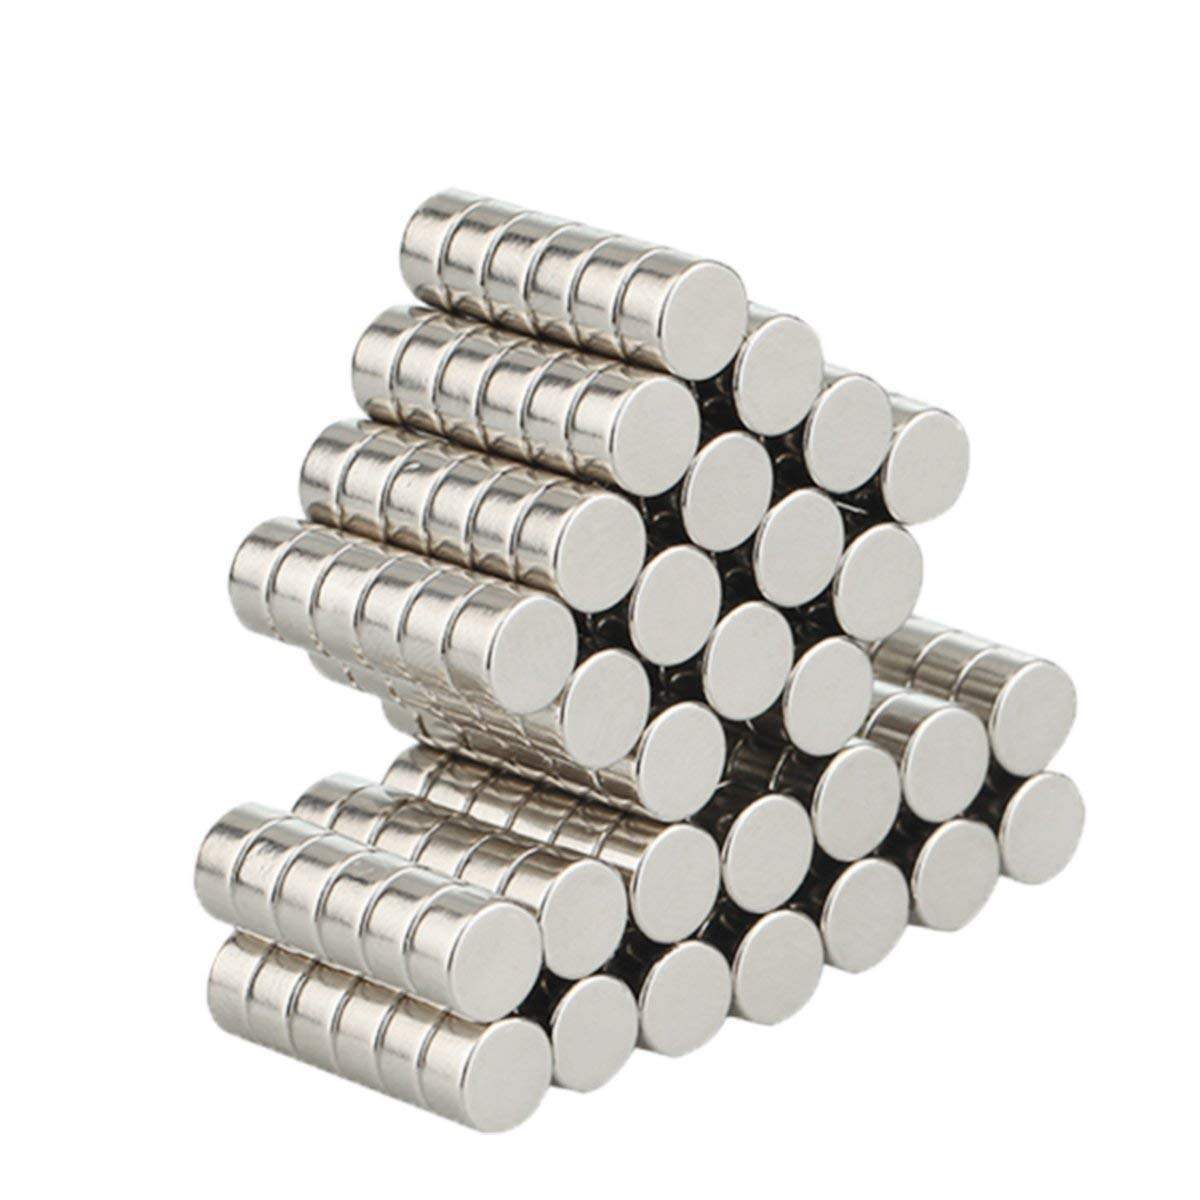 Wukong 105 piezas Imanes de nevera de cilindro de neodimio N52 (6*3mm) multiusos Junta de borrado en seco imanes imanes de oficina resistente imanes para ...